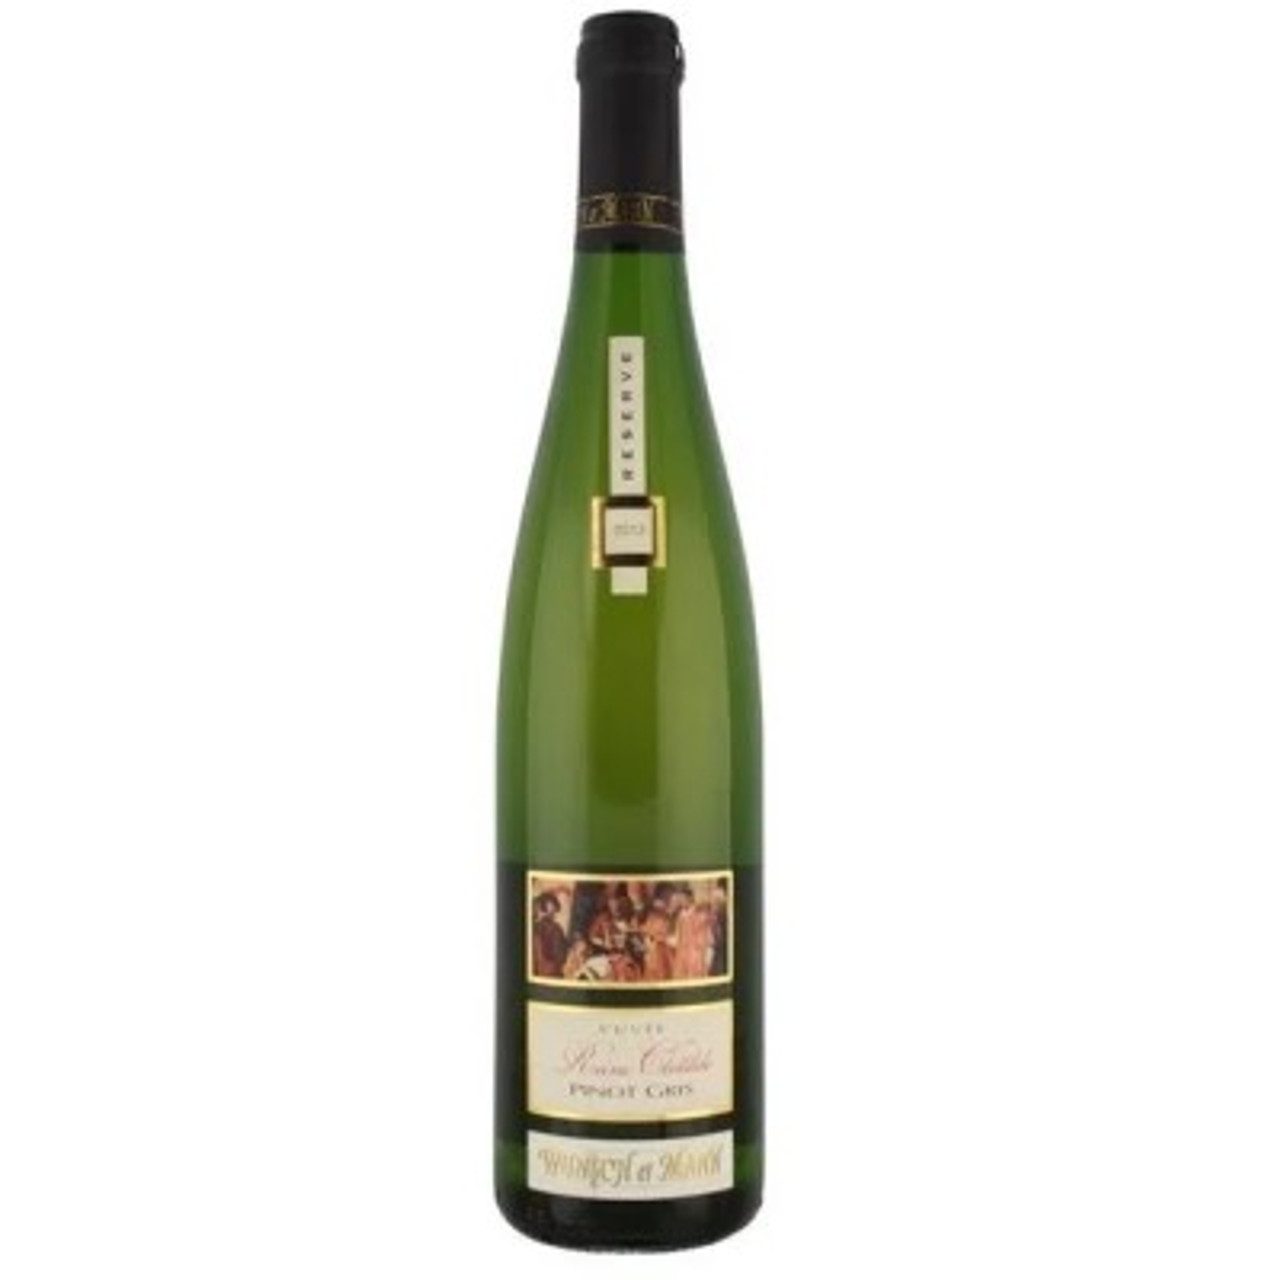 Alsatian Pinot Gris